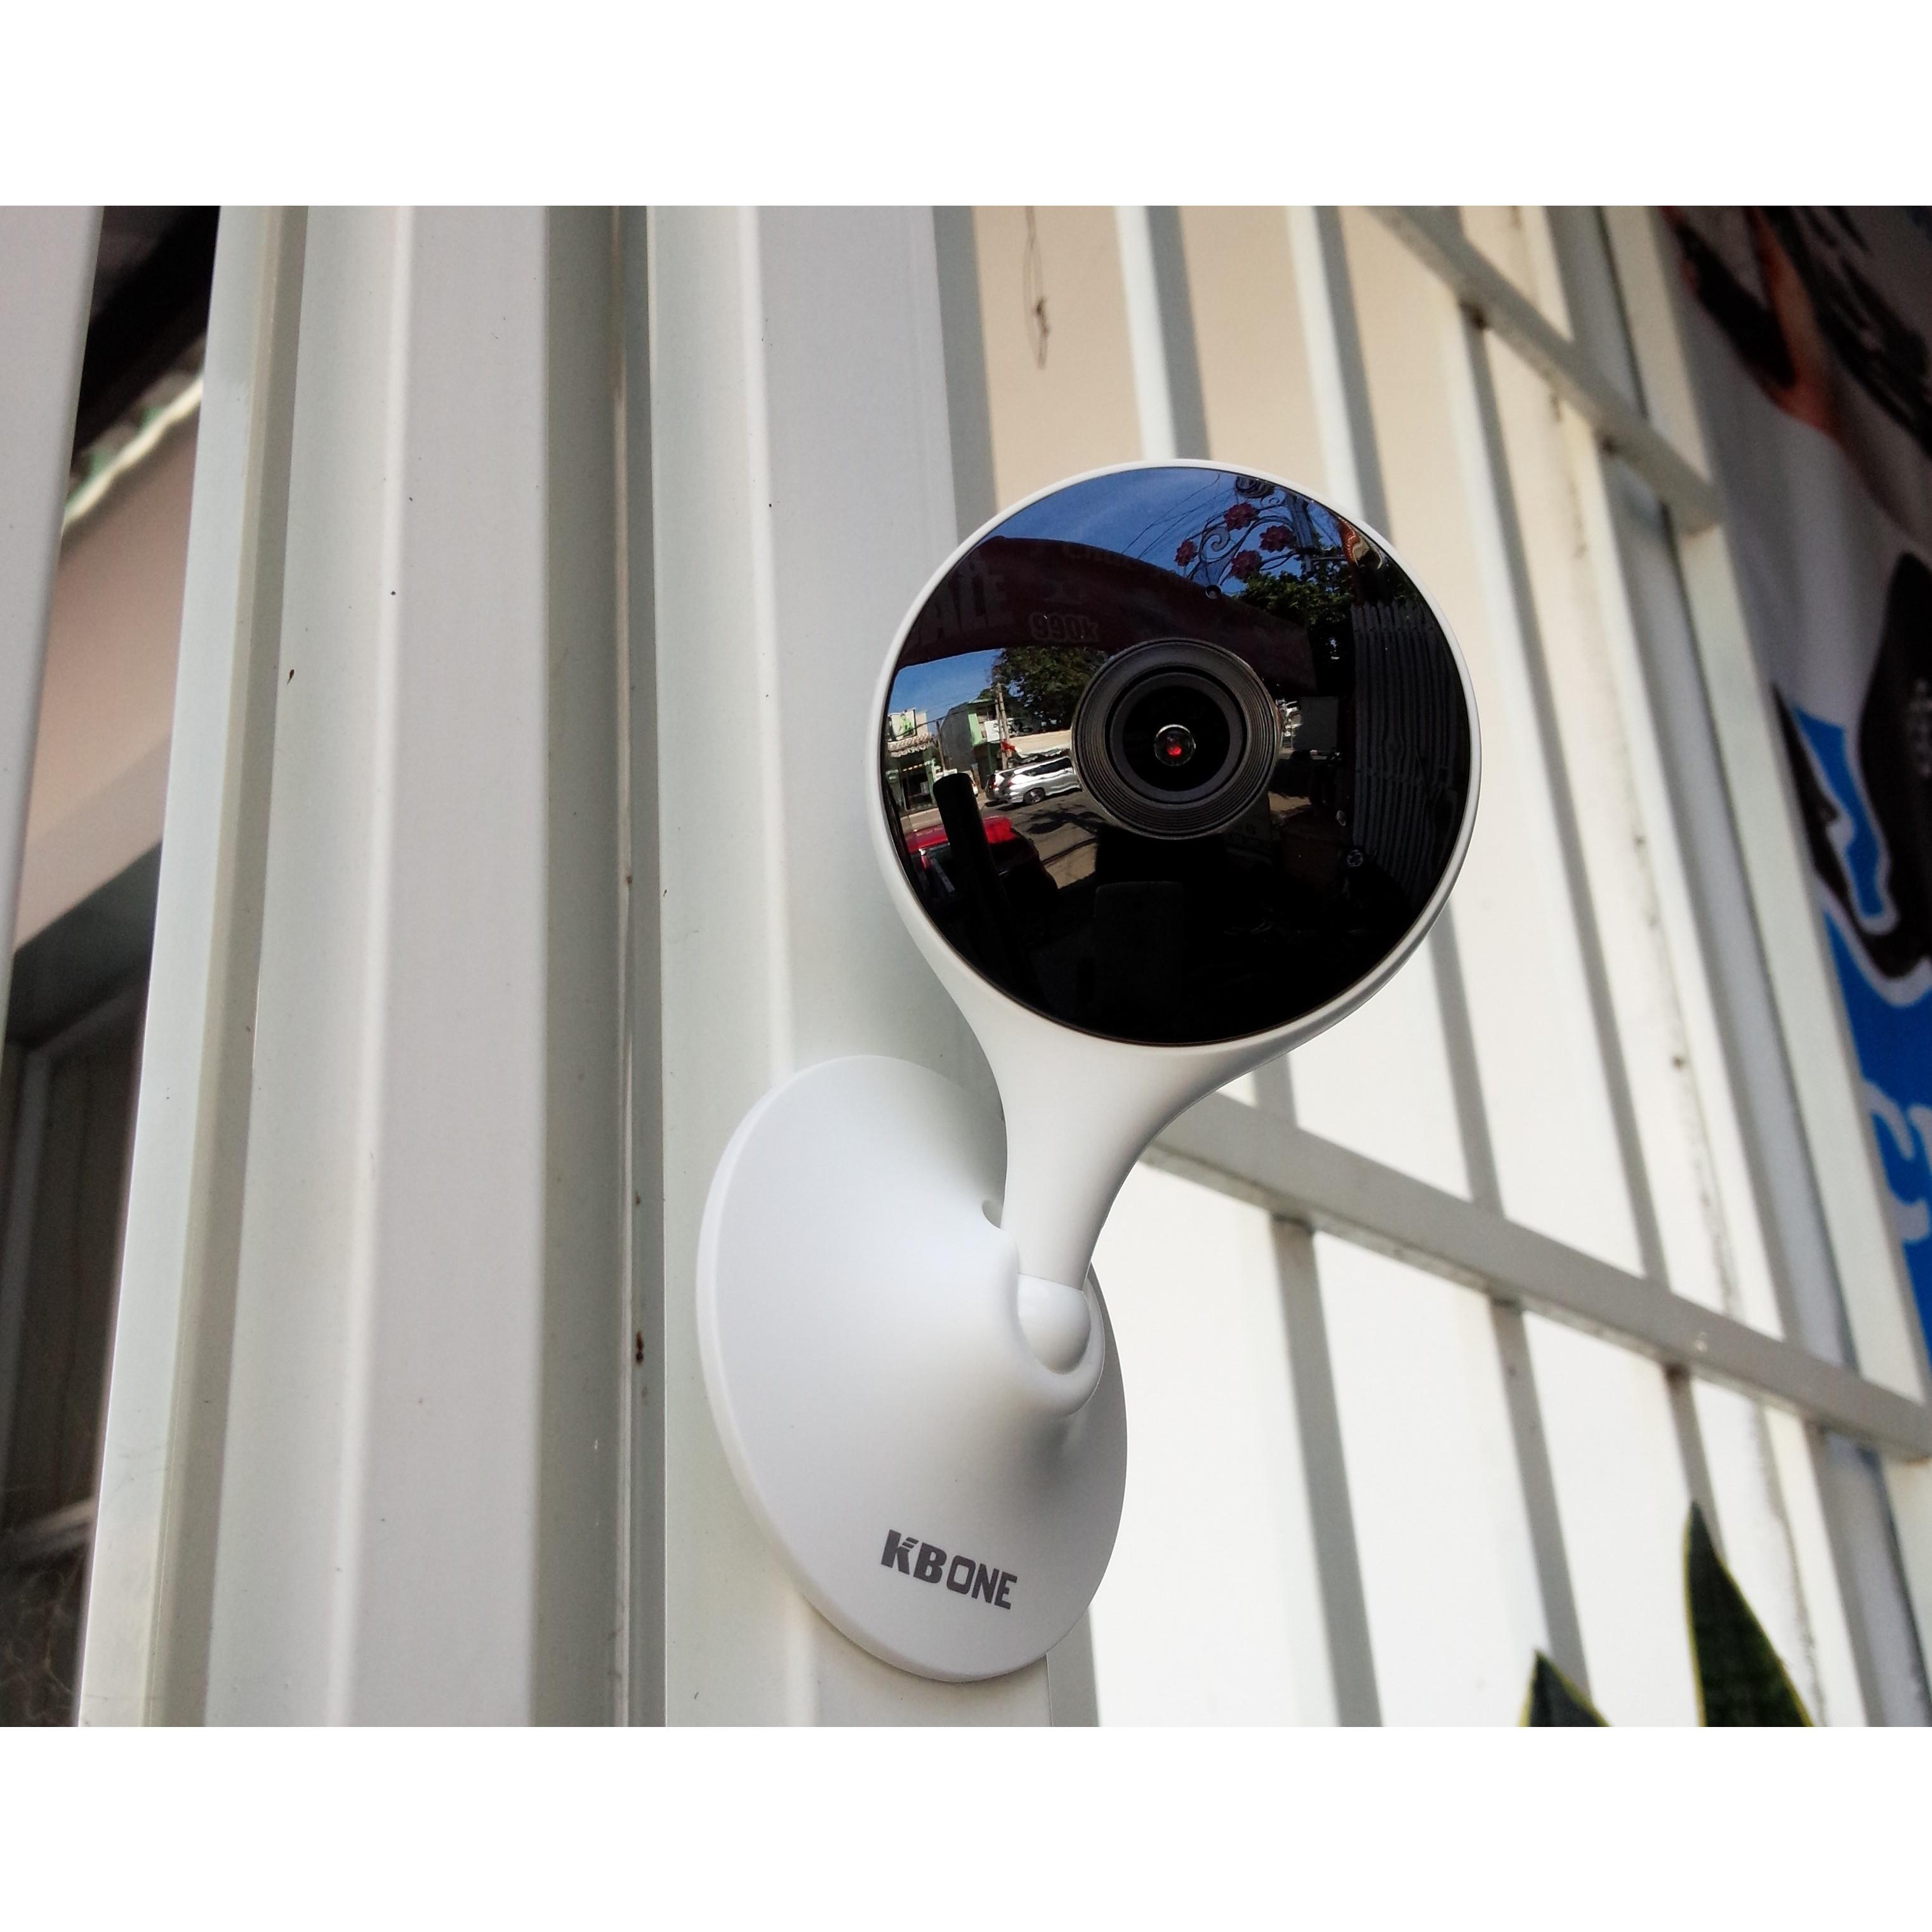 Hình ảnh Camera IP wifi KBVISION trong nhà - góc nhìn siêu rộng - nghe nói 2 chiều KBONE H21W - Hàng chính hãng